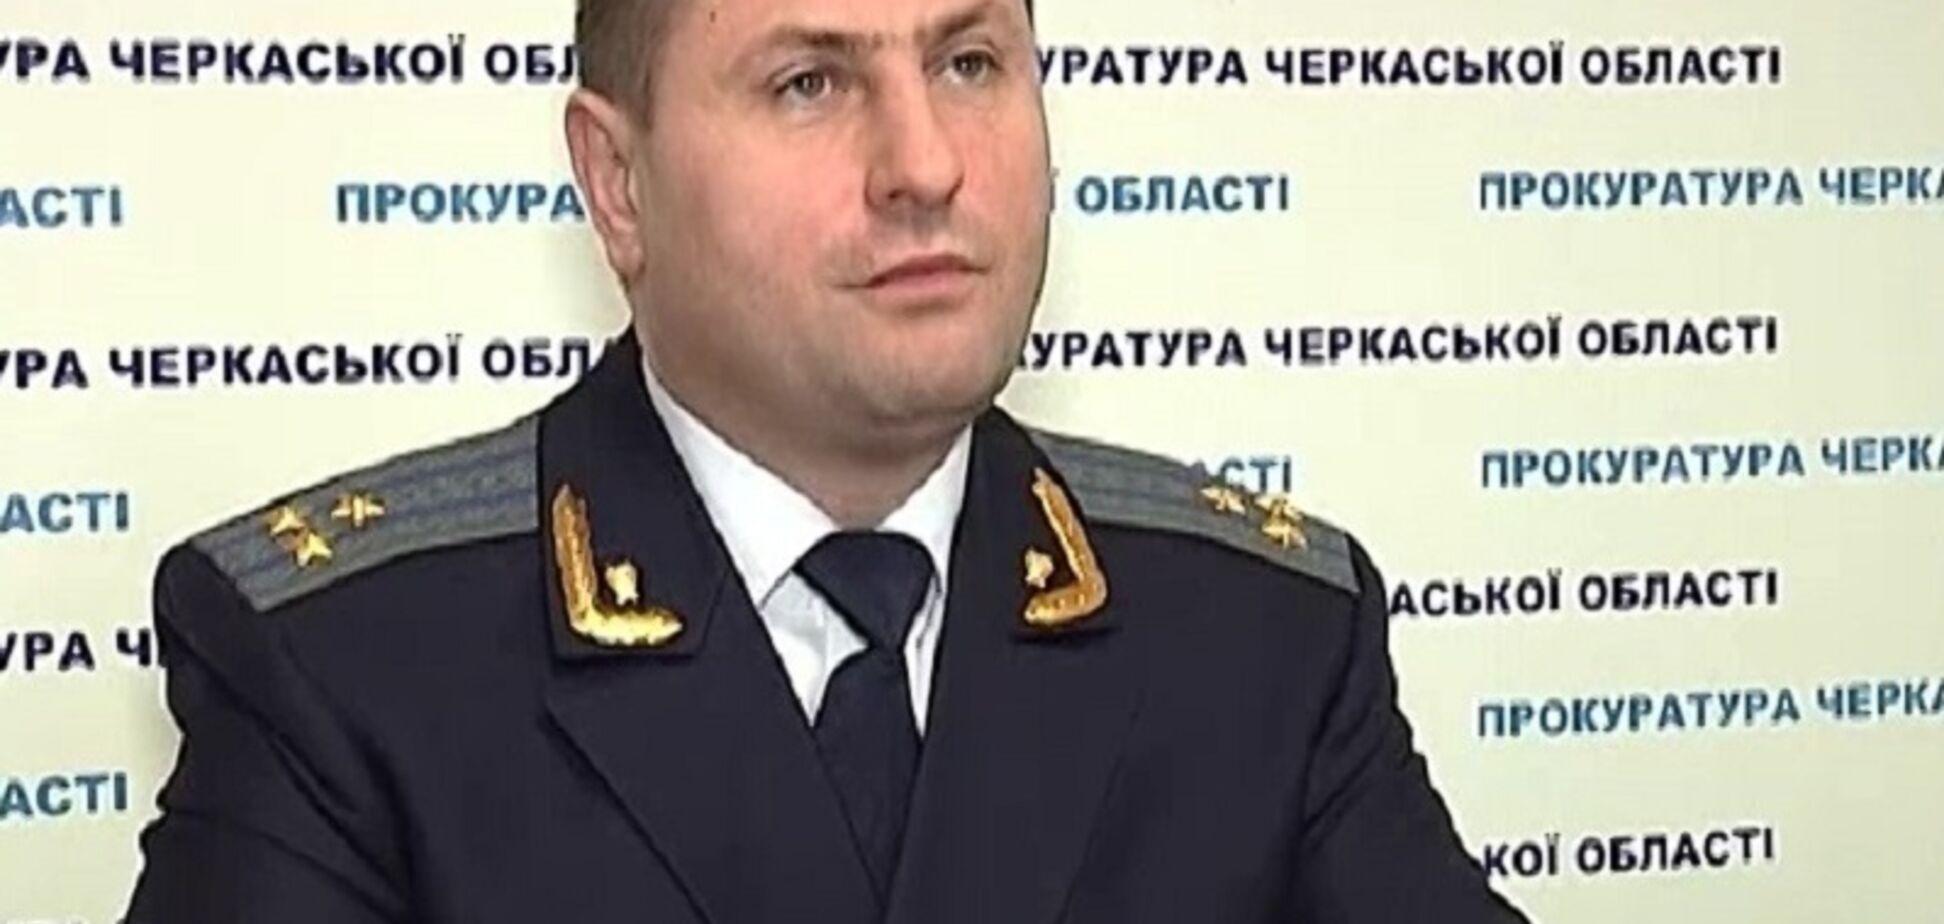 Запорожскую прокуратуру номер 2 может возглавить прокурор с неоднозначной репутацией